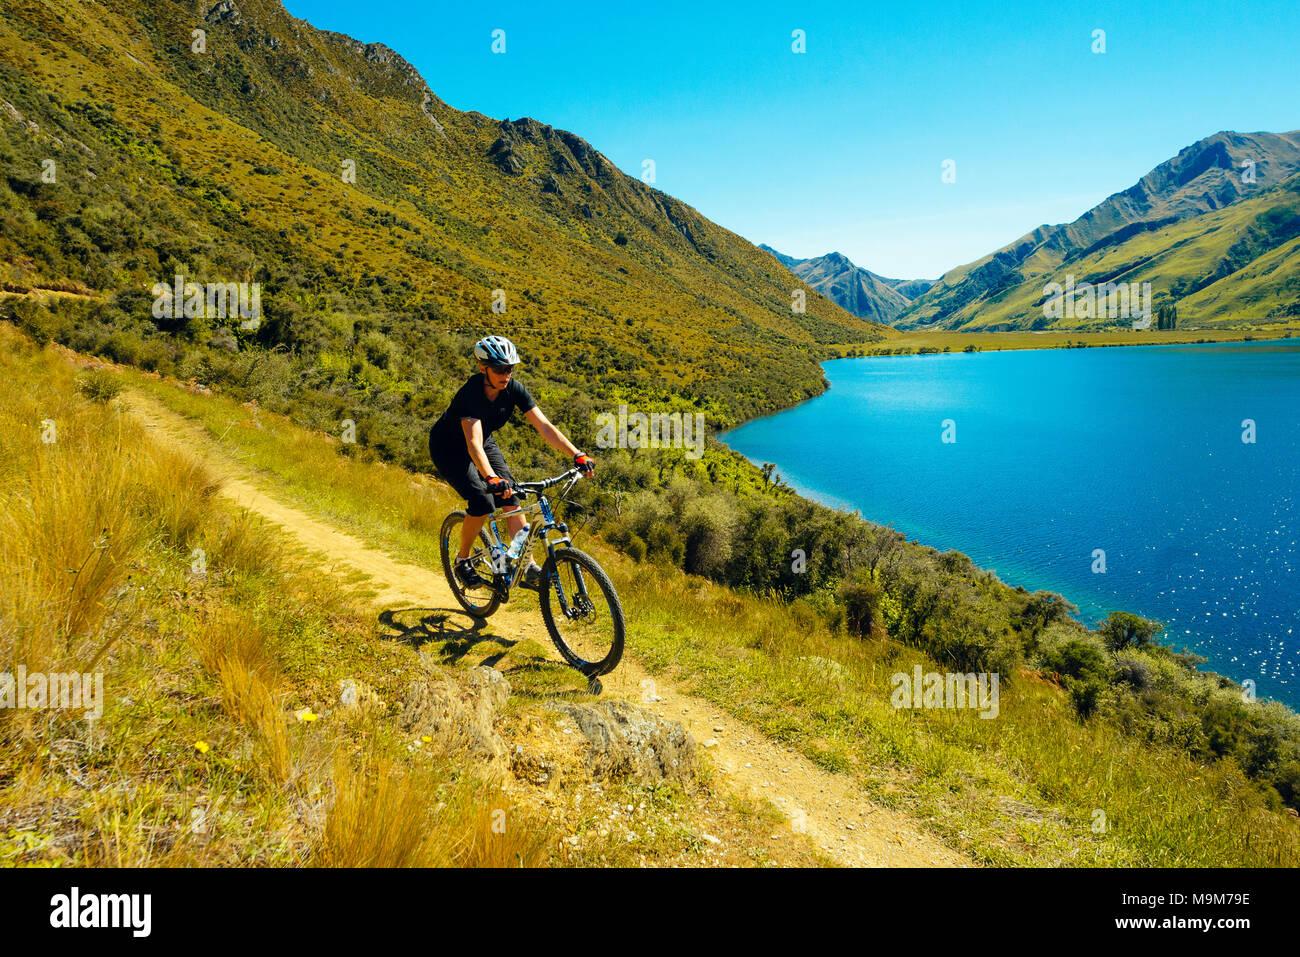 Mountain biker on the Moke Lake Trail near Queenstown, New Zealand - Stock Image